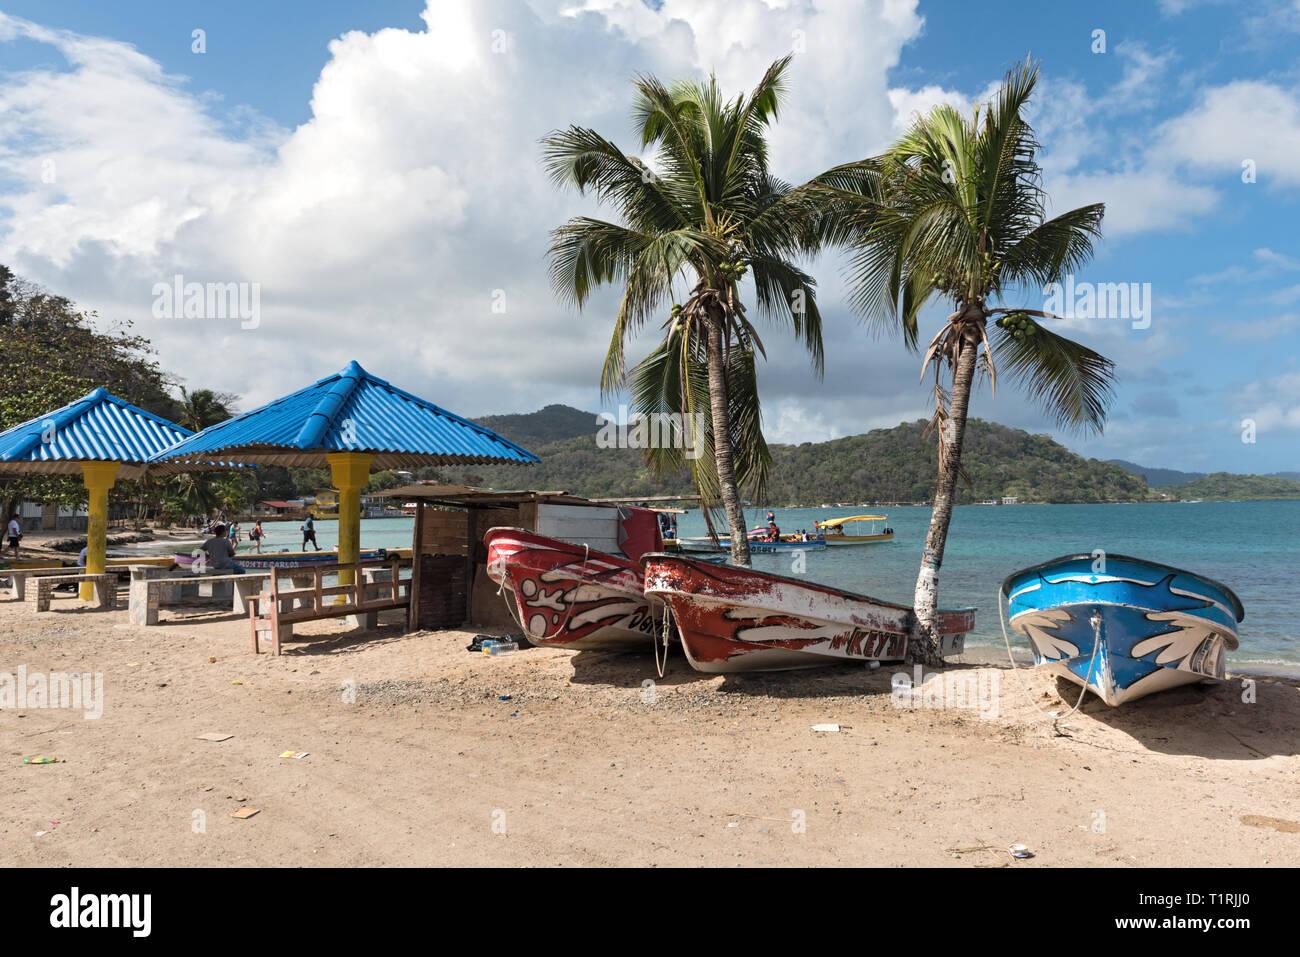 Bateaux à la plage des Caraïbes Panama Puerto lindo Banque D'Images